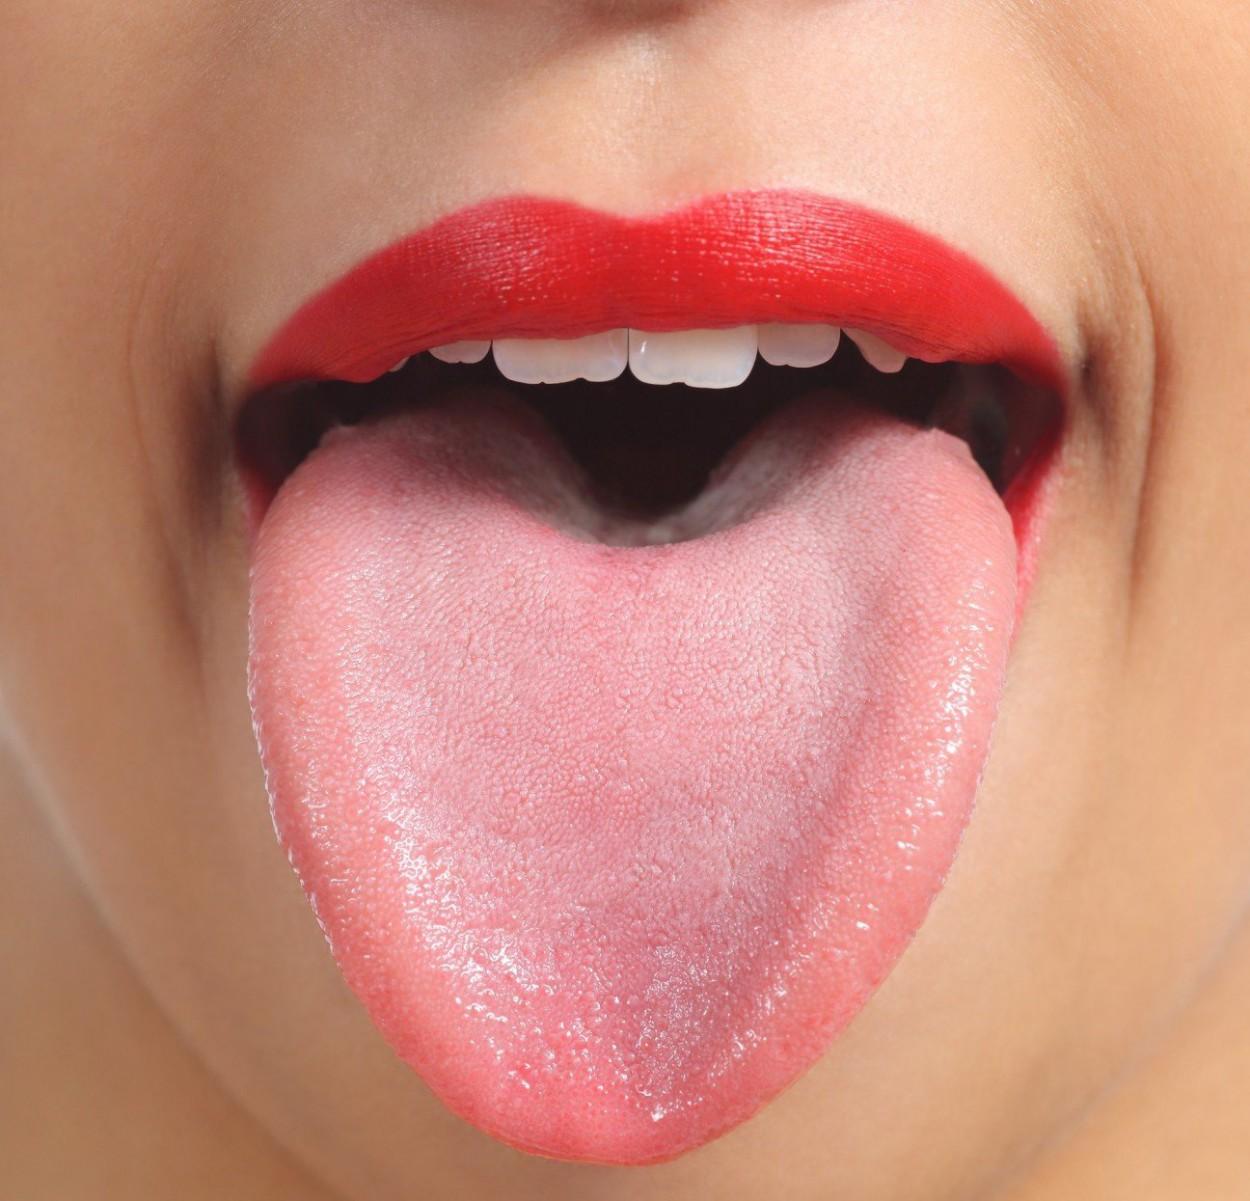 Какого цвета язык у здорового человека